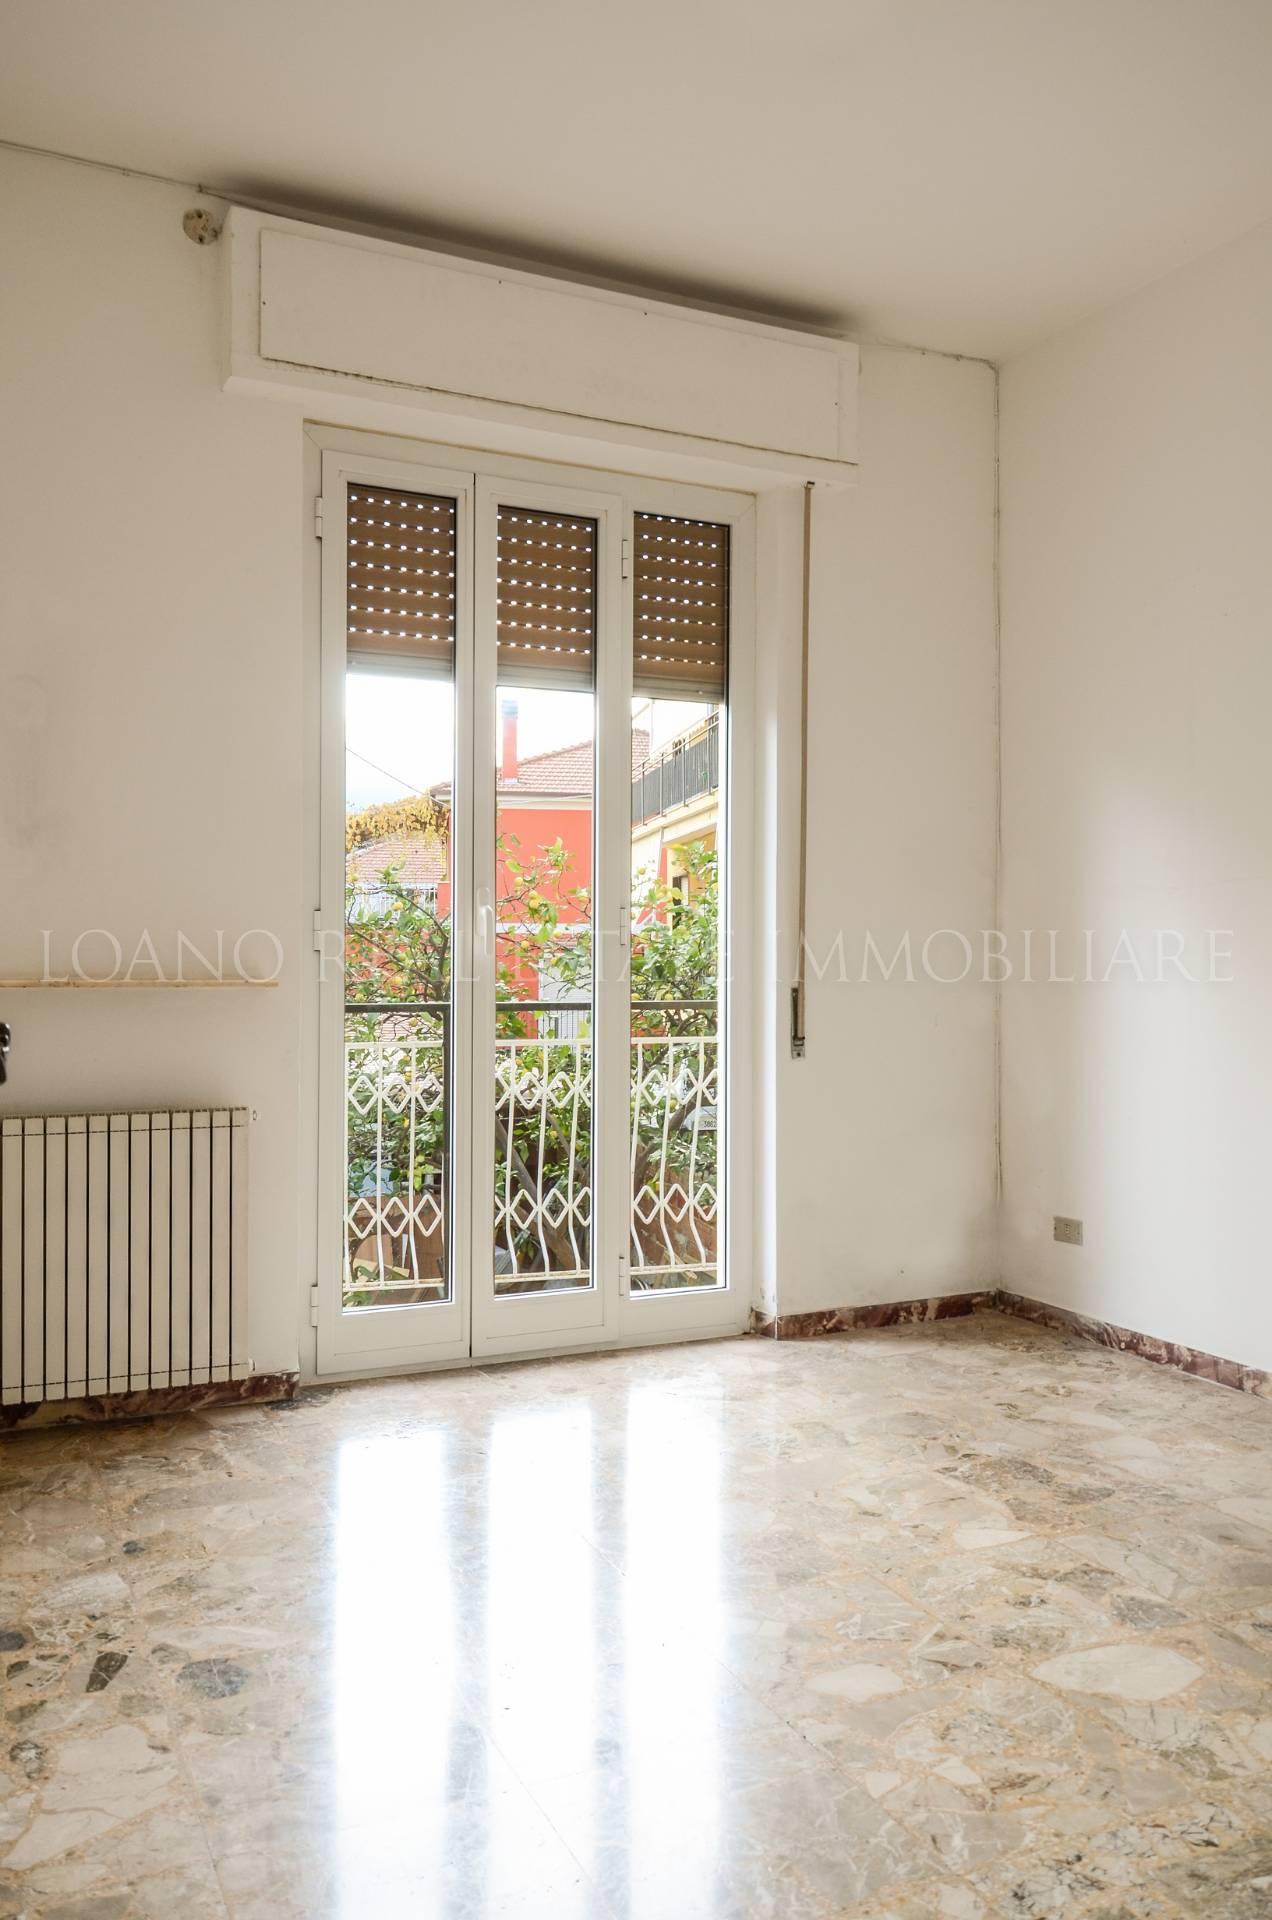 Appartamento in vendita a Loano, 2 locali, prezzo € 175.000 | CambioCasa.it